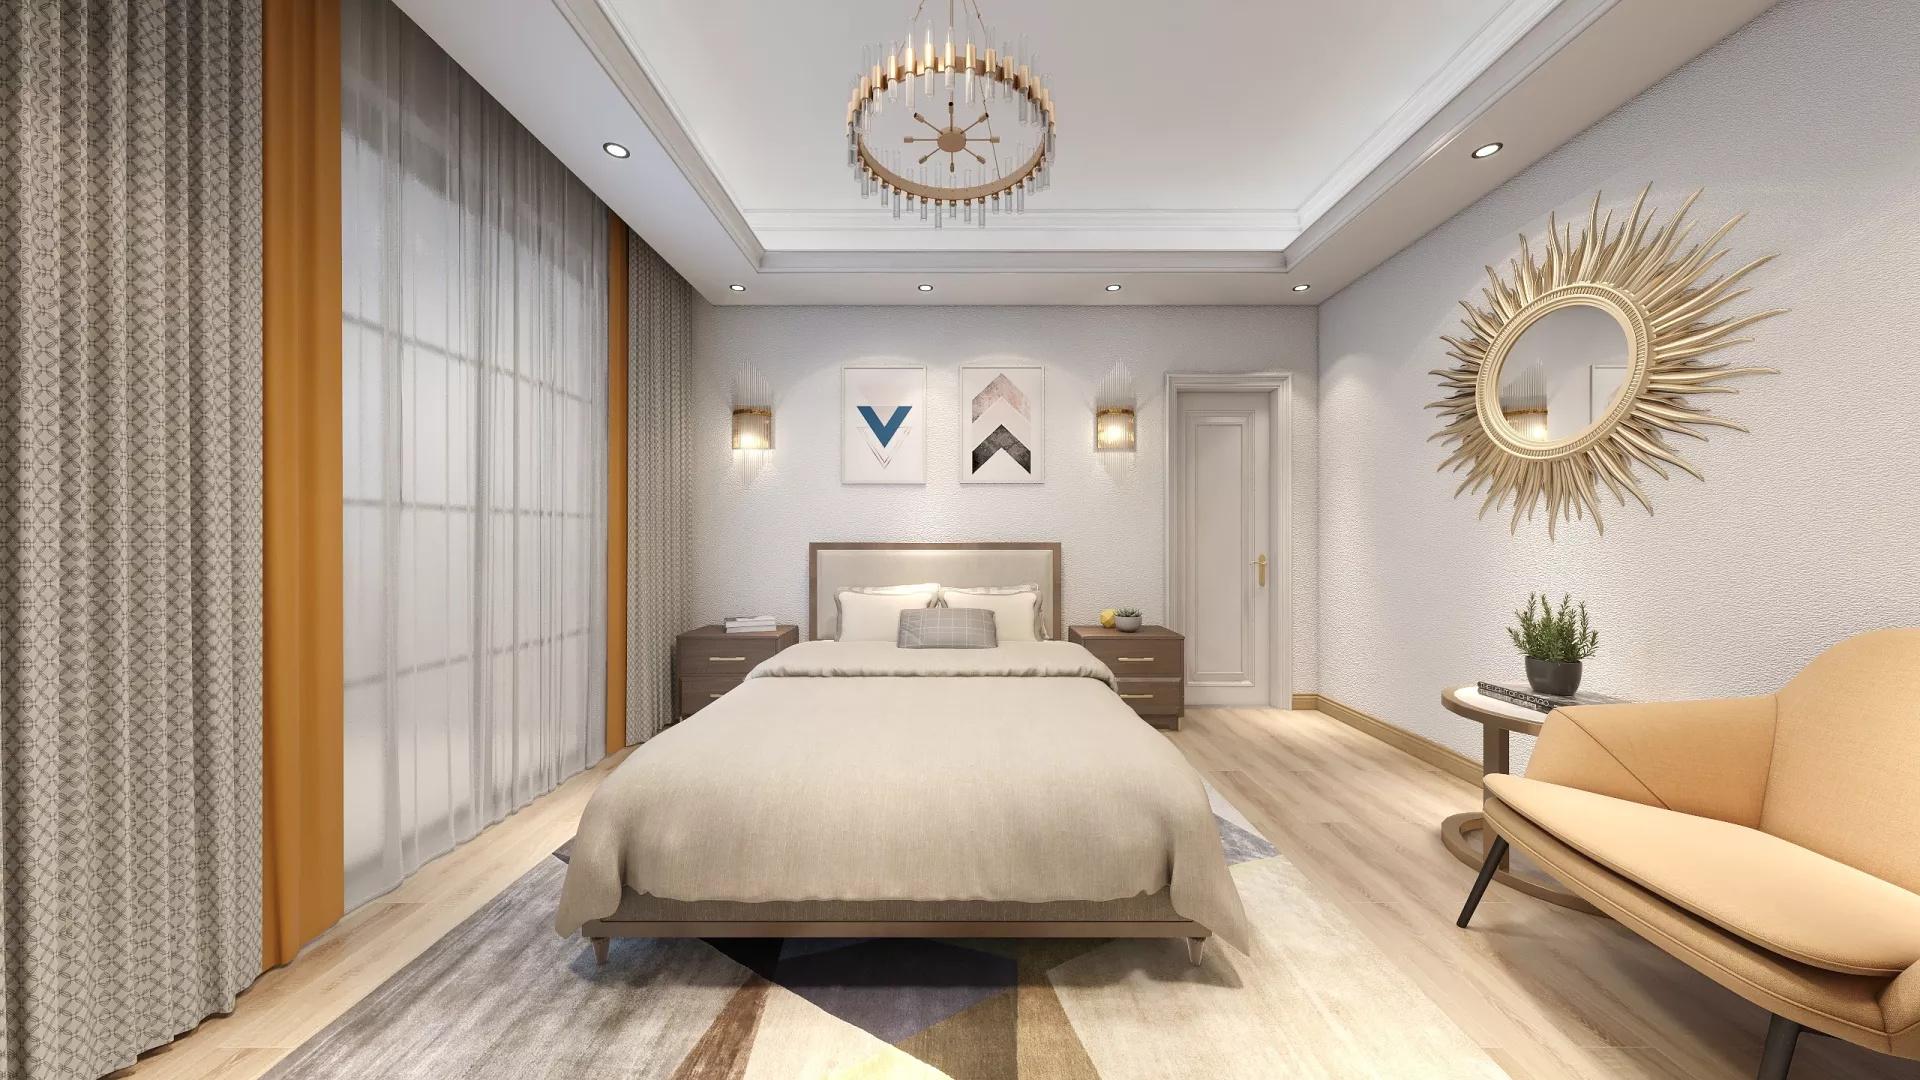 混搭风格舒适温馨浪漫型卧室装修效果图